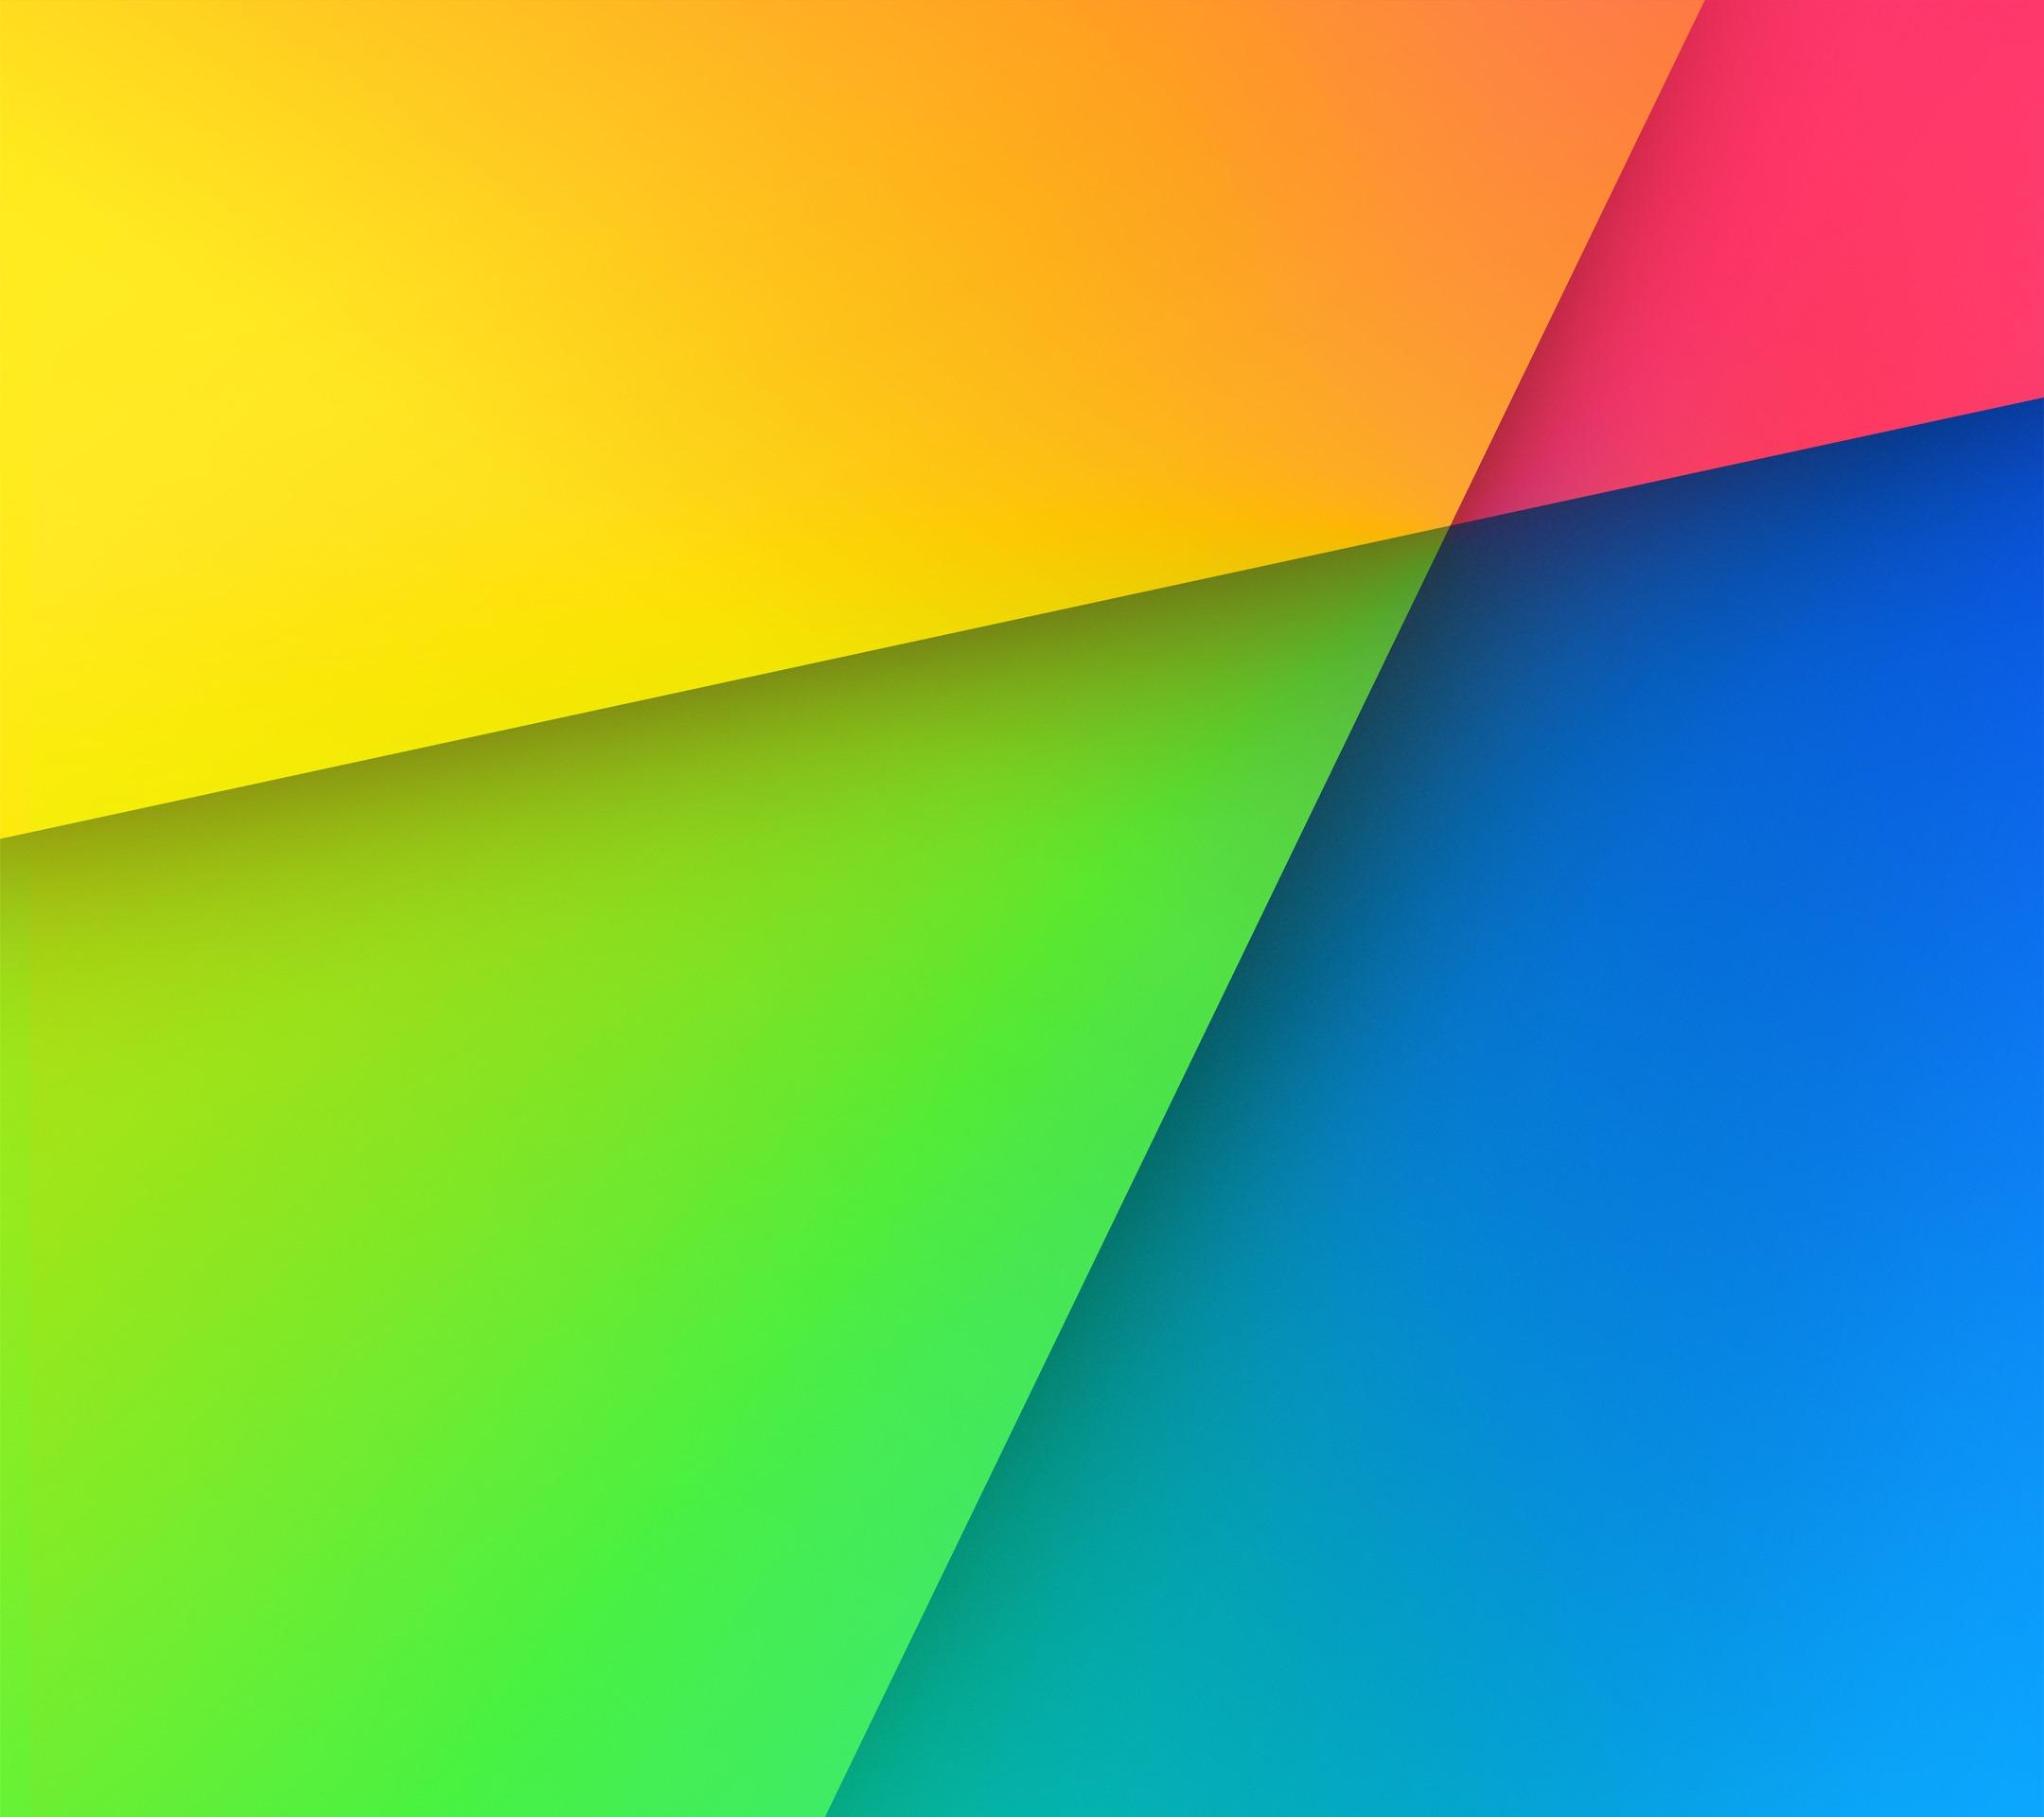 Download Set Official Default Wallpapers of Nexus 7 2013 in your 2160x1920